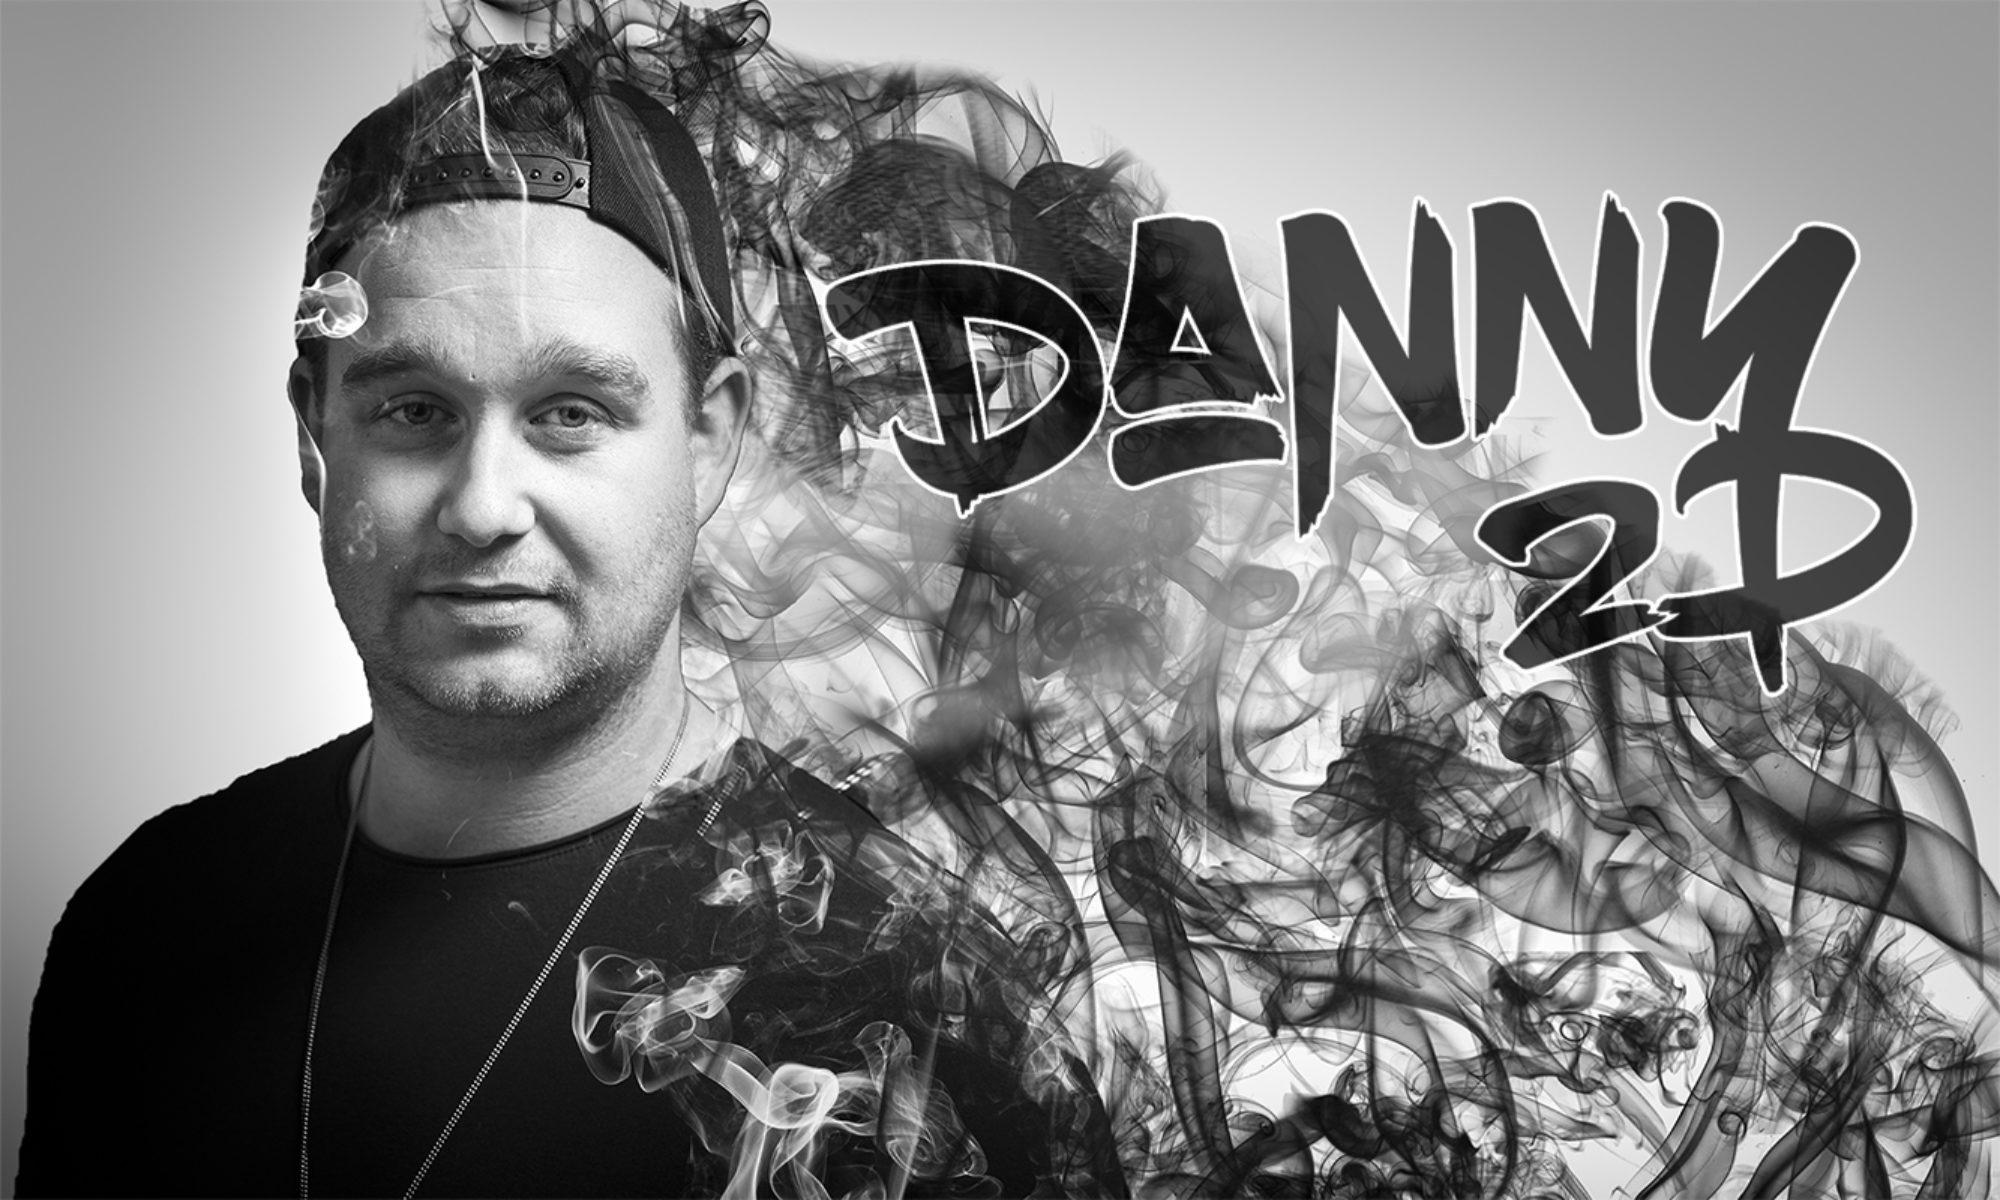 Danny2D